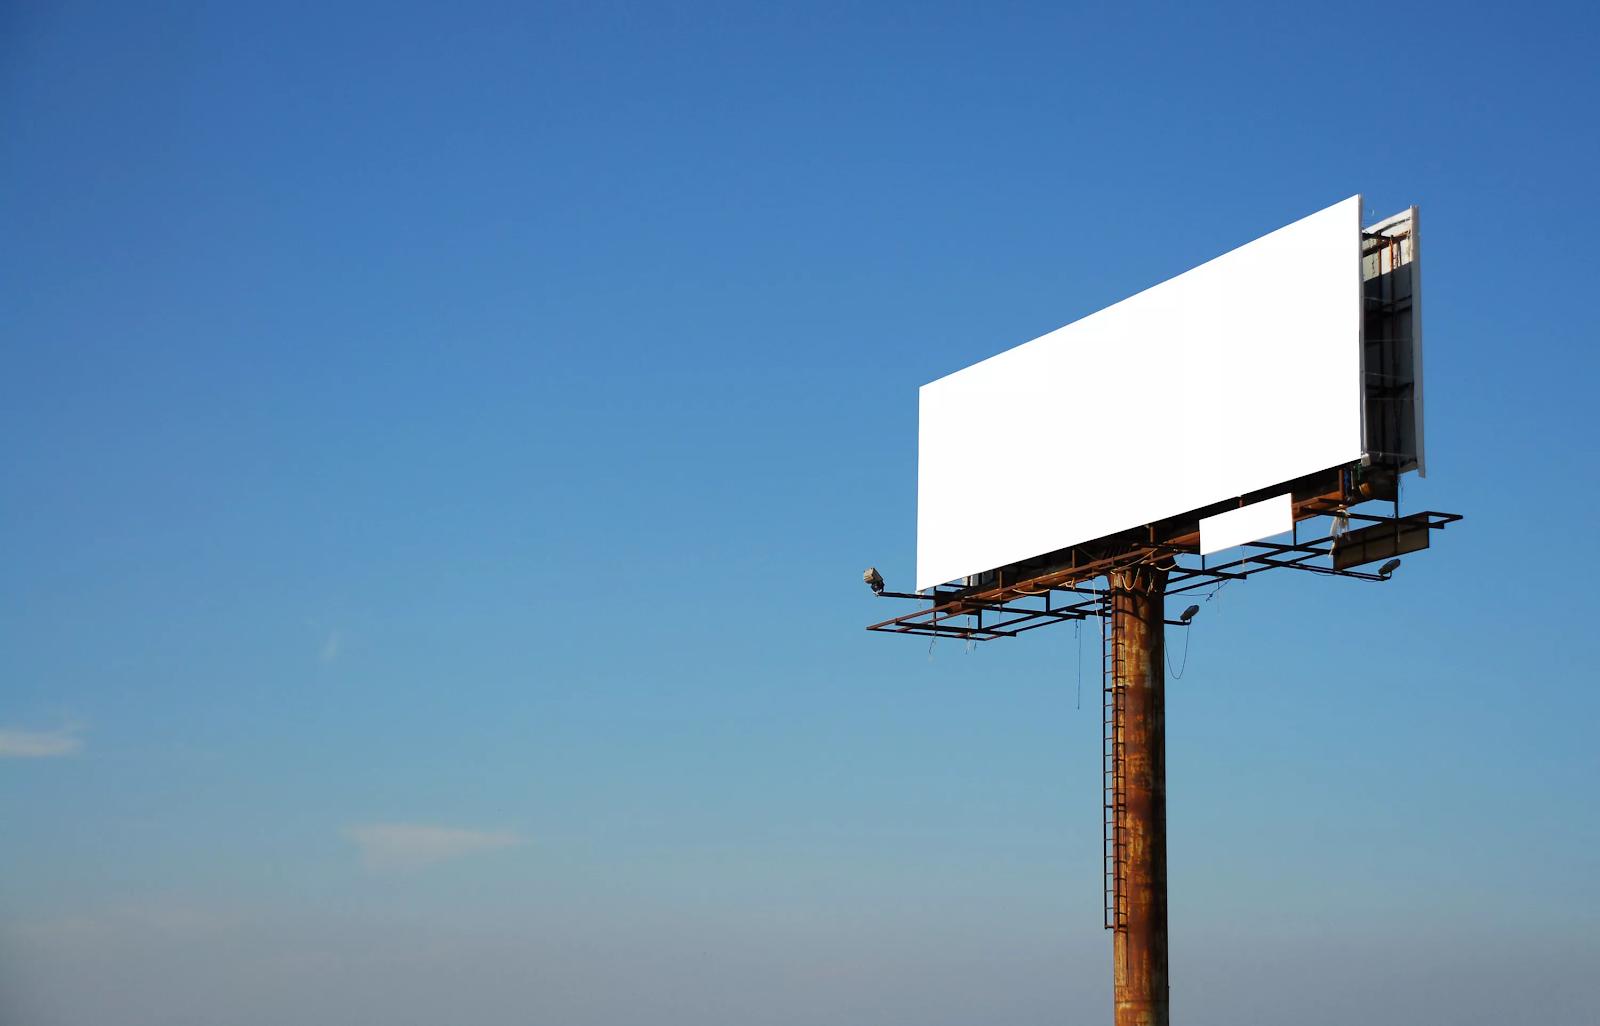 Билборды - что это? рекламный щит большого размера для размещения наружной рекламы: размеры, конструкция, установка